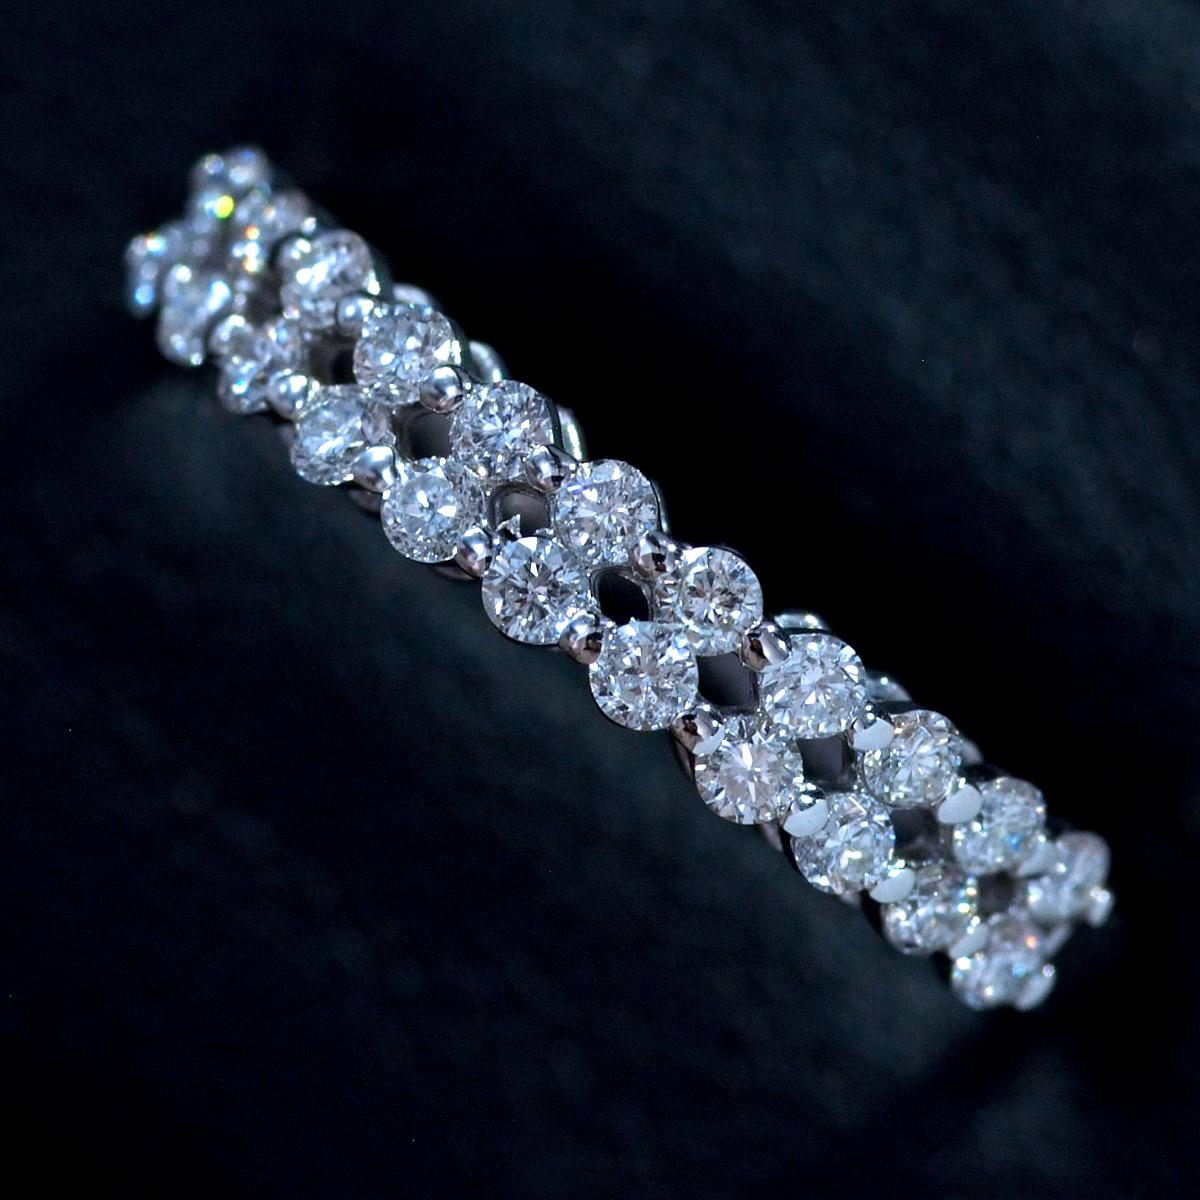 *R4441WG 新品!令和新作! 天然上質ダイヤモンド0.40ct 最高級18金WG無垢リング サイズ13號 重量1.5g 縦幅3.3mm